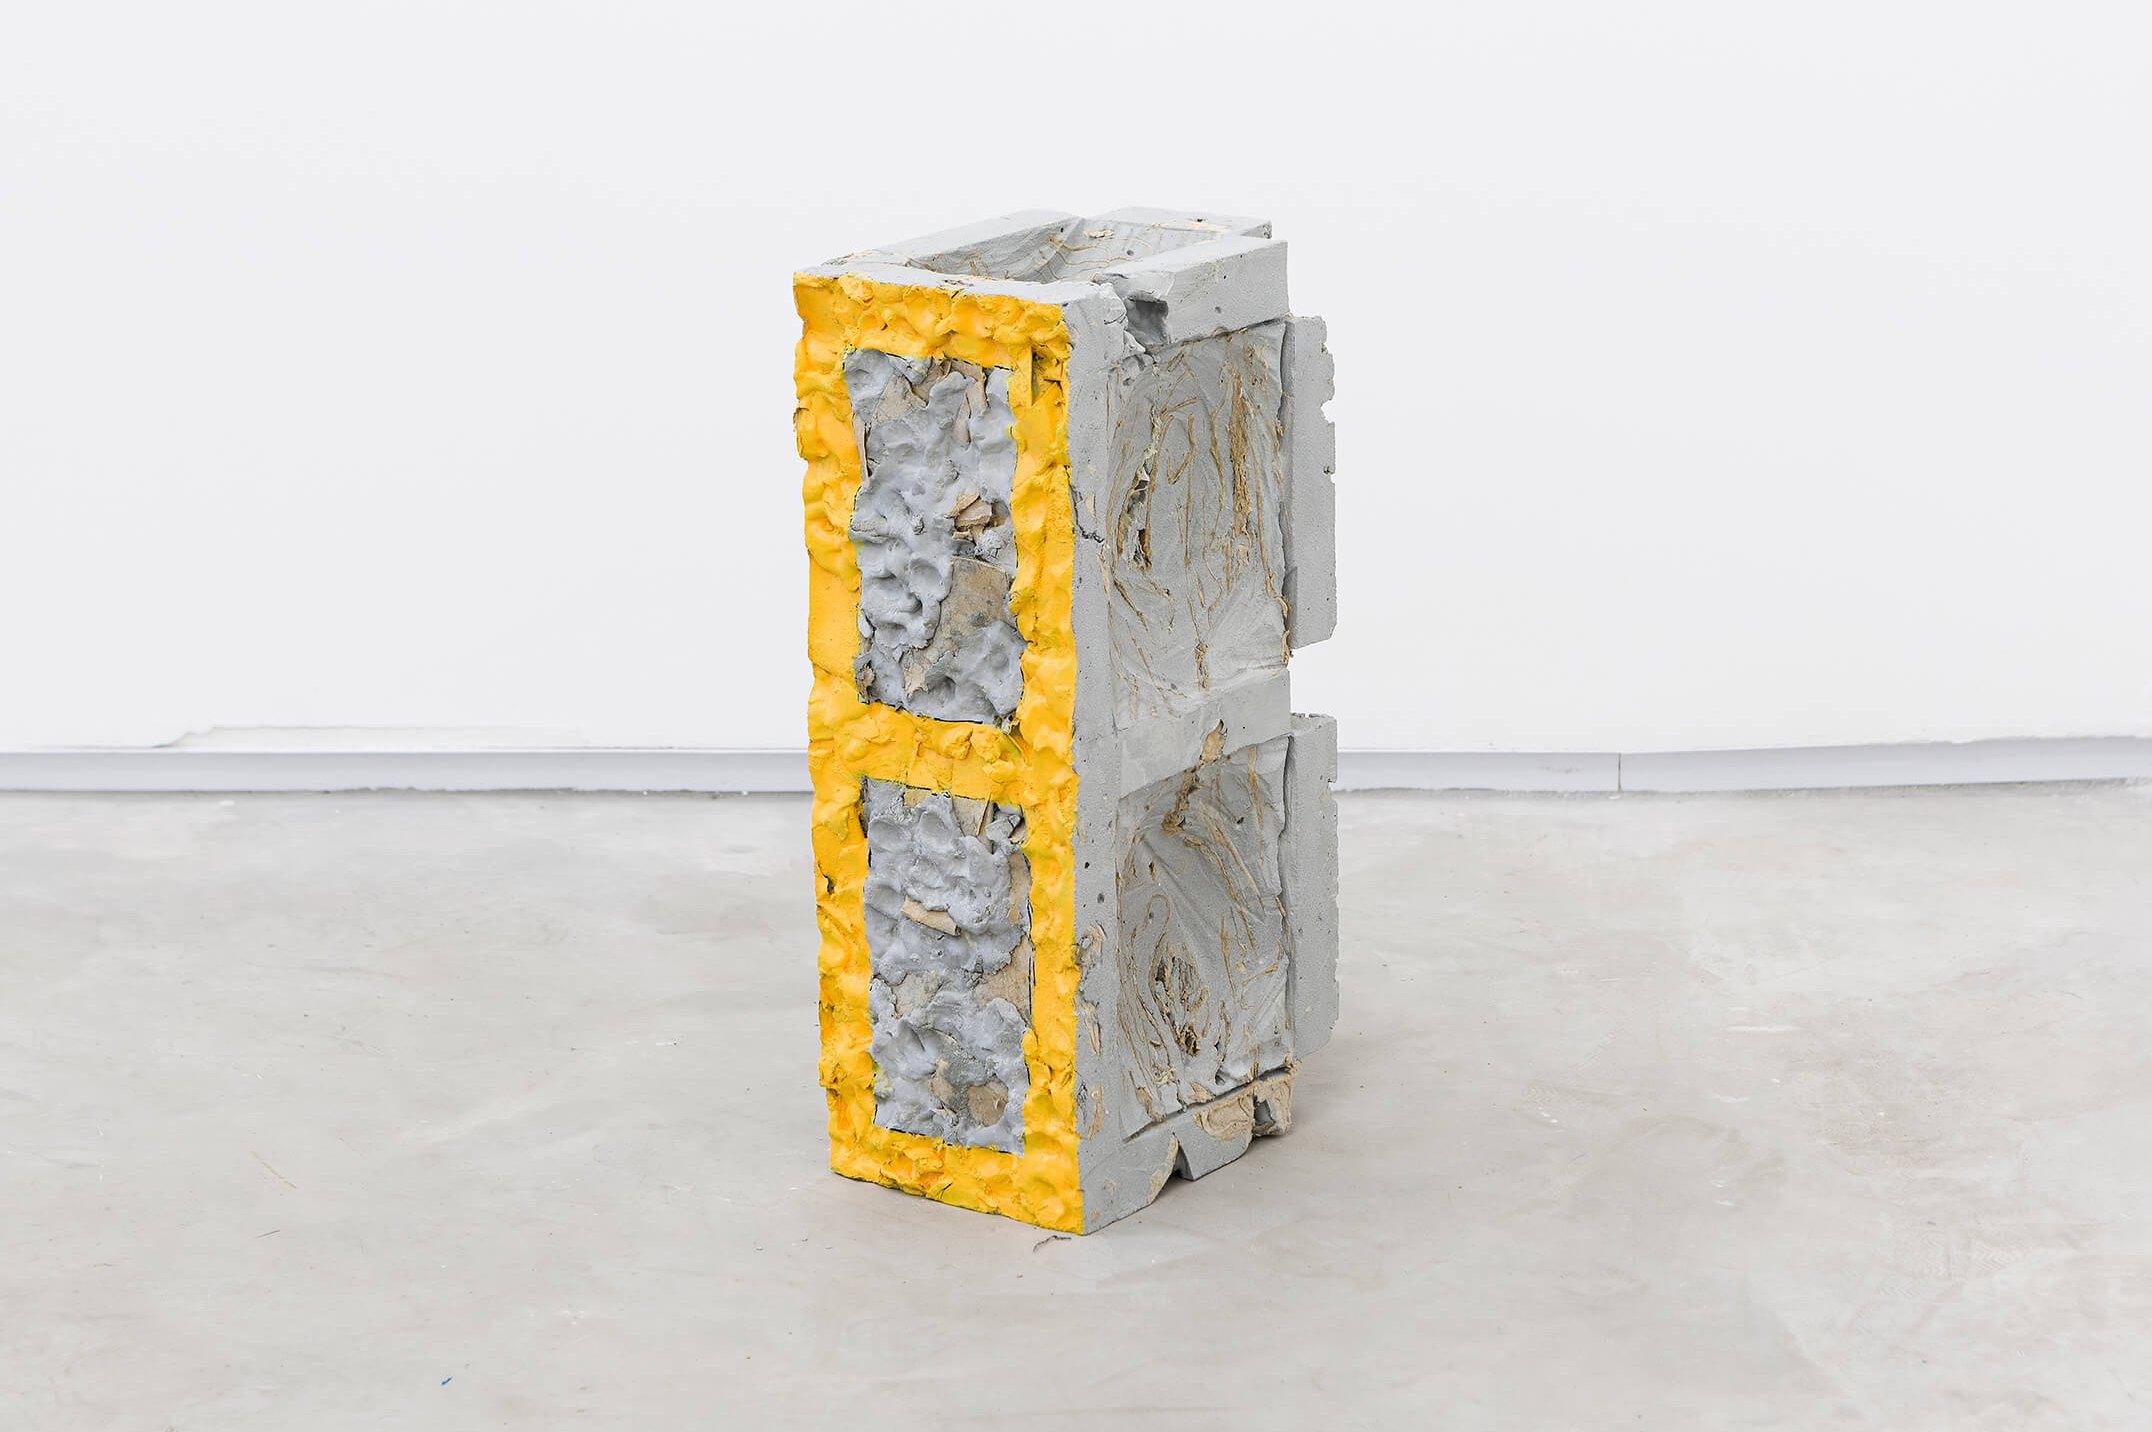 Allyson Vieira, <em>Block 14</em>, 2015, concrete, <em>Worker</em> scraps, concrete blocks, 39 × 15 × 19 cm - Mendes Wood DM